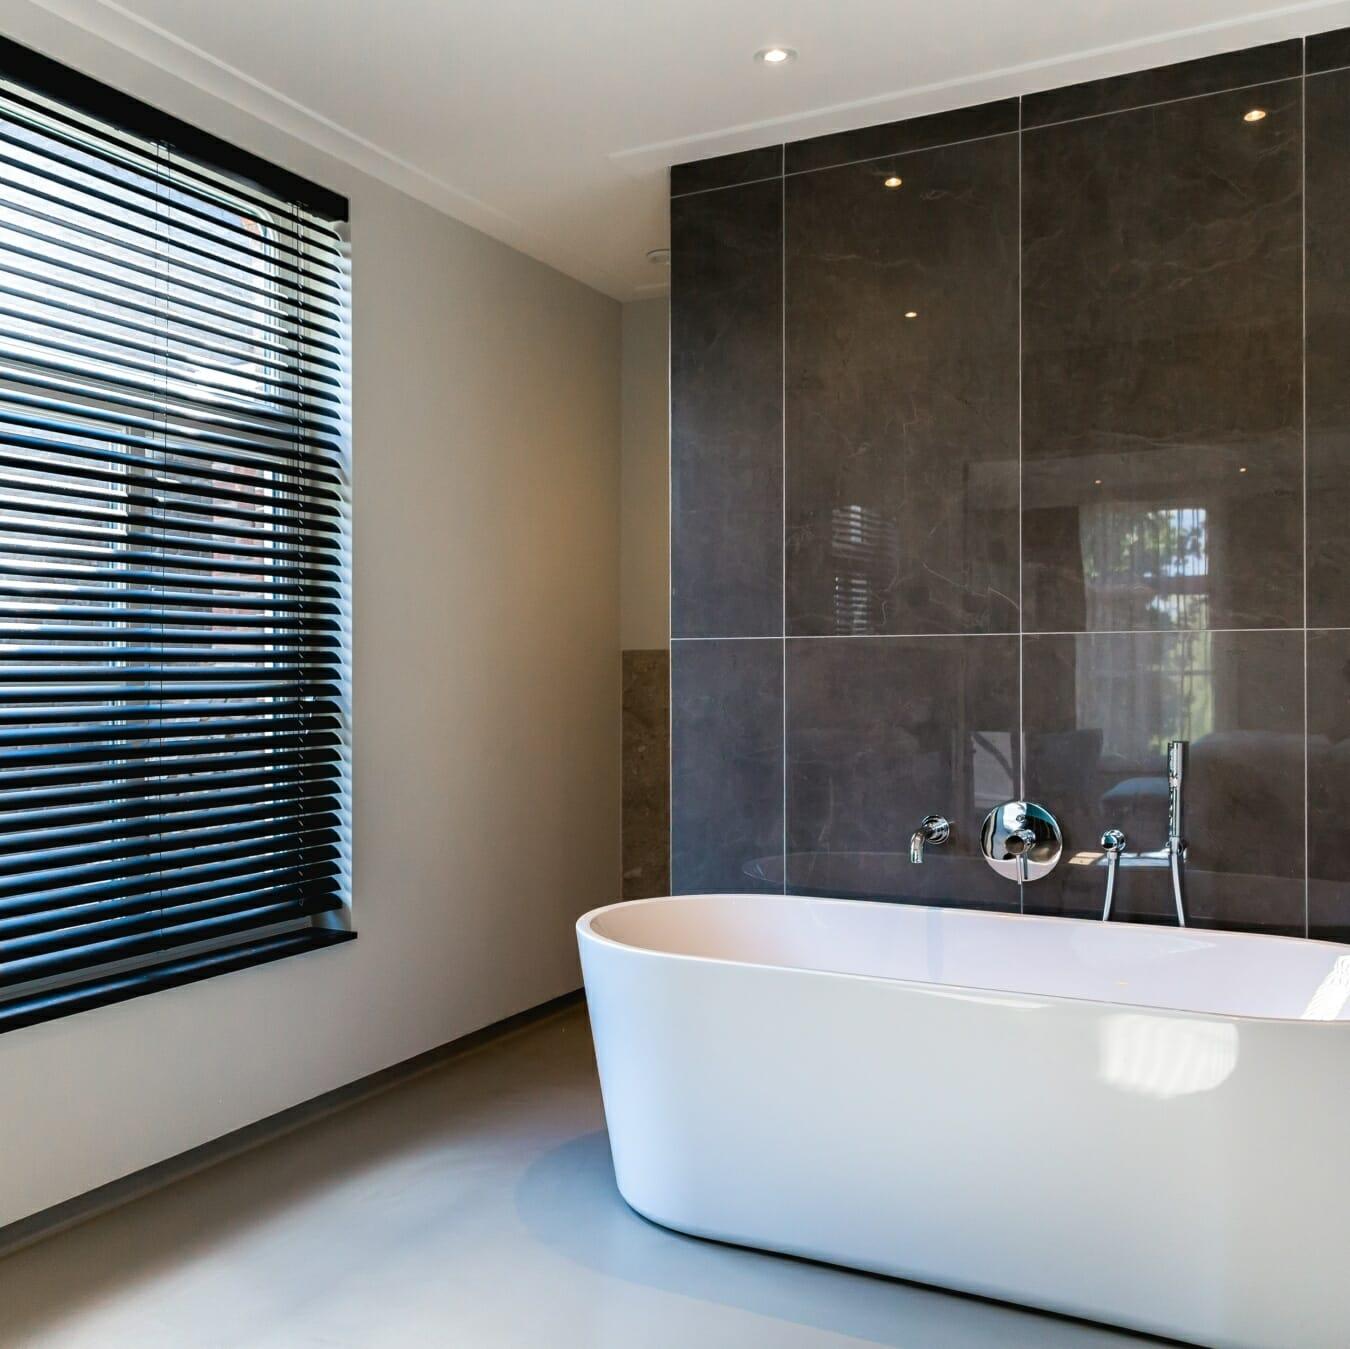 Aluminium jaloezie in badkamer